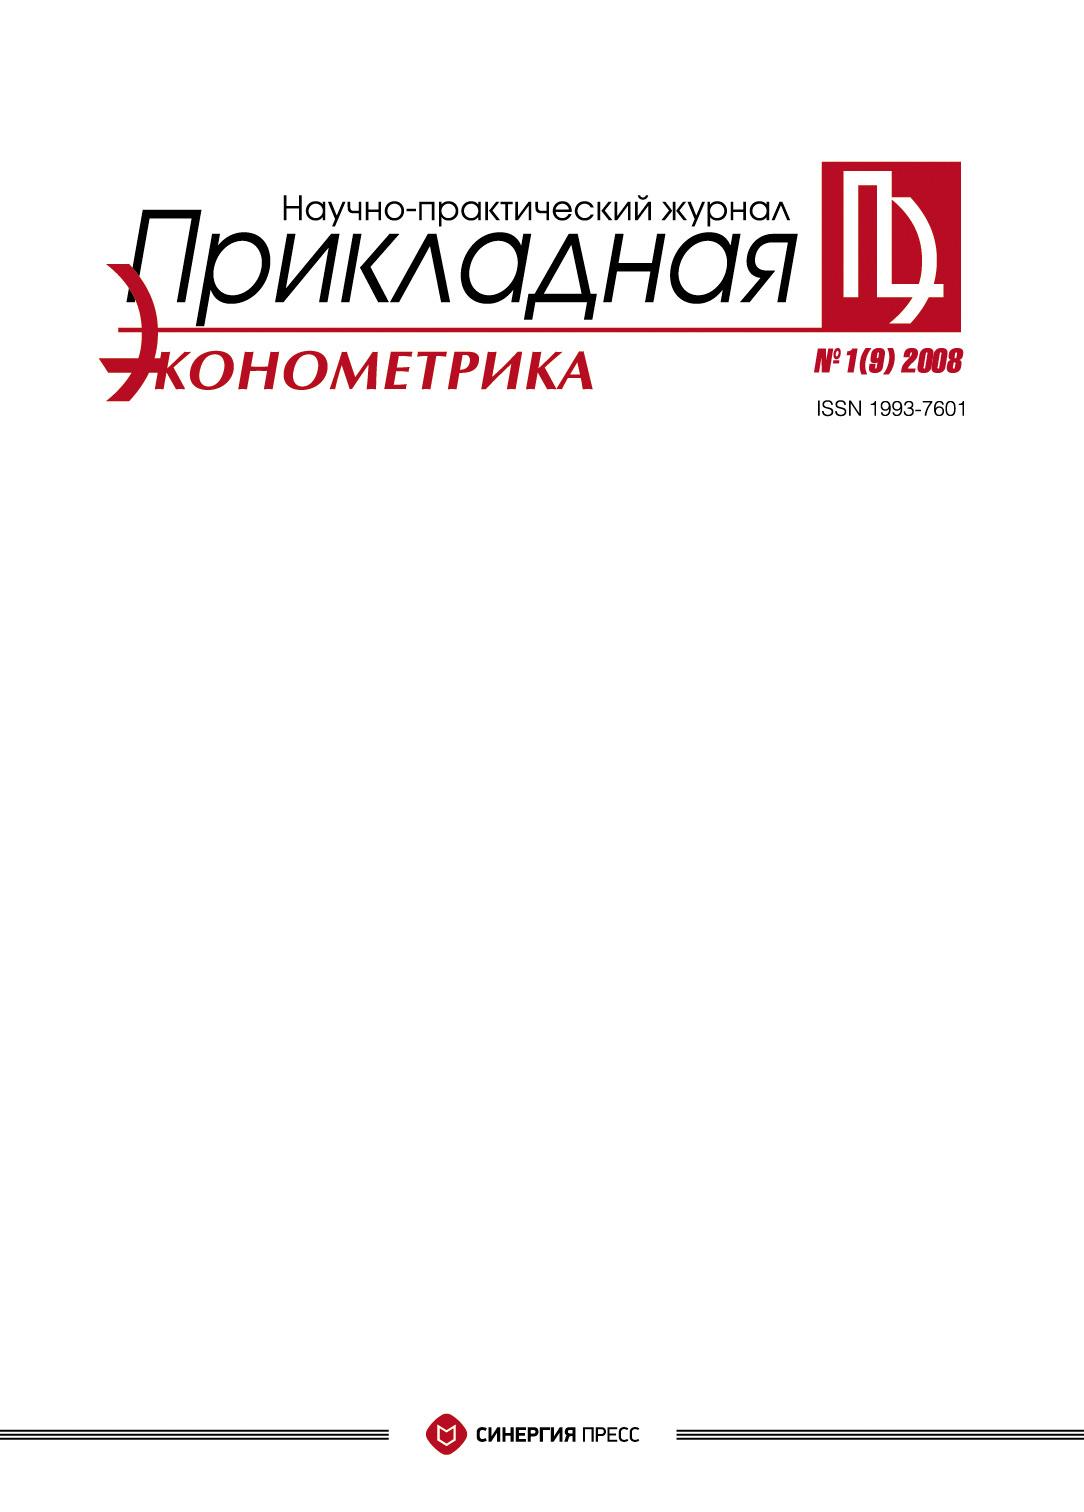 Прикладная эконометрика № 1 (9) 2008